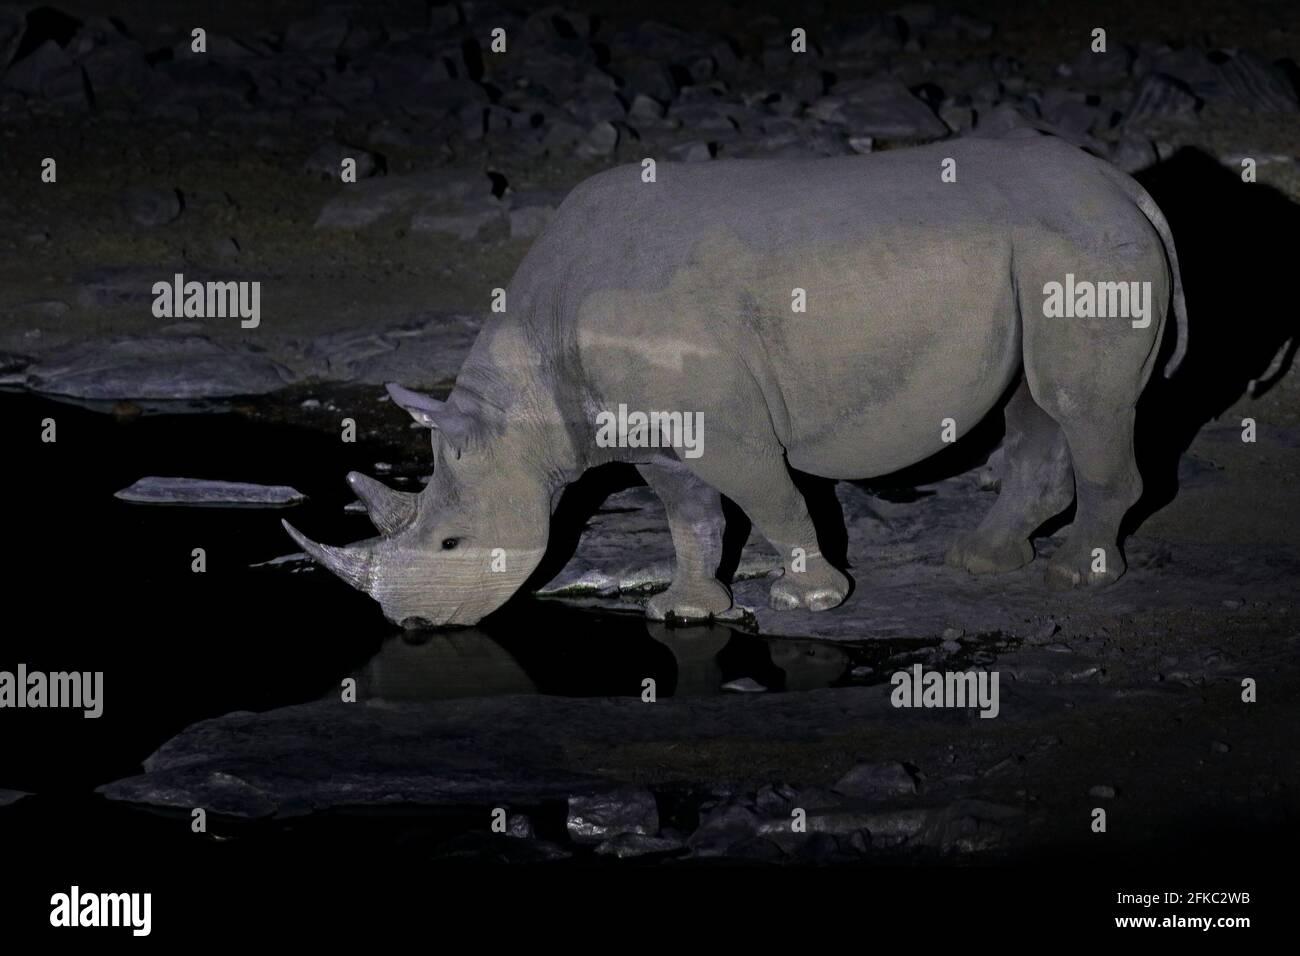 Rinoceronte cerca del agujero de agua, noche en desierto de arena, Parque Nacional Etocha, Namibia, África. Rinocerontes negros o rinocerontes de gancho, Diceros bicornis, en el natu Foto de stock